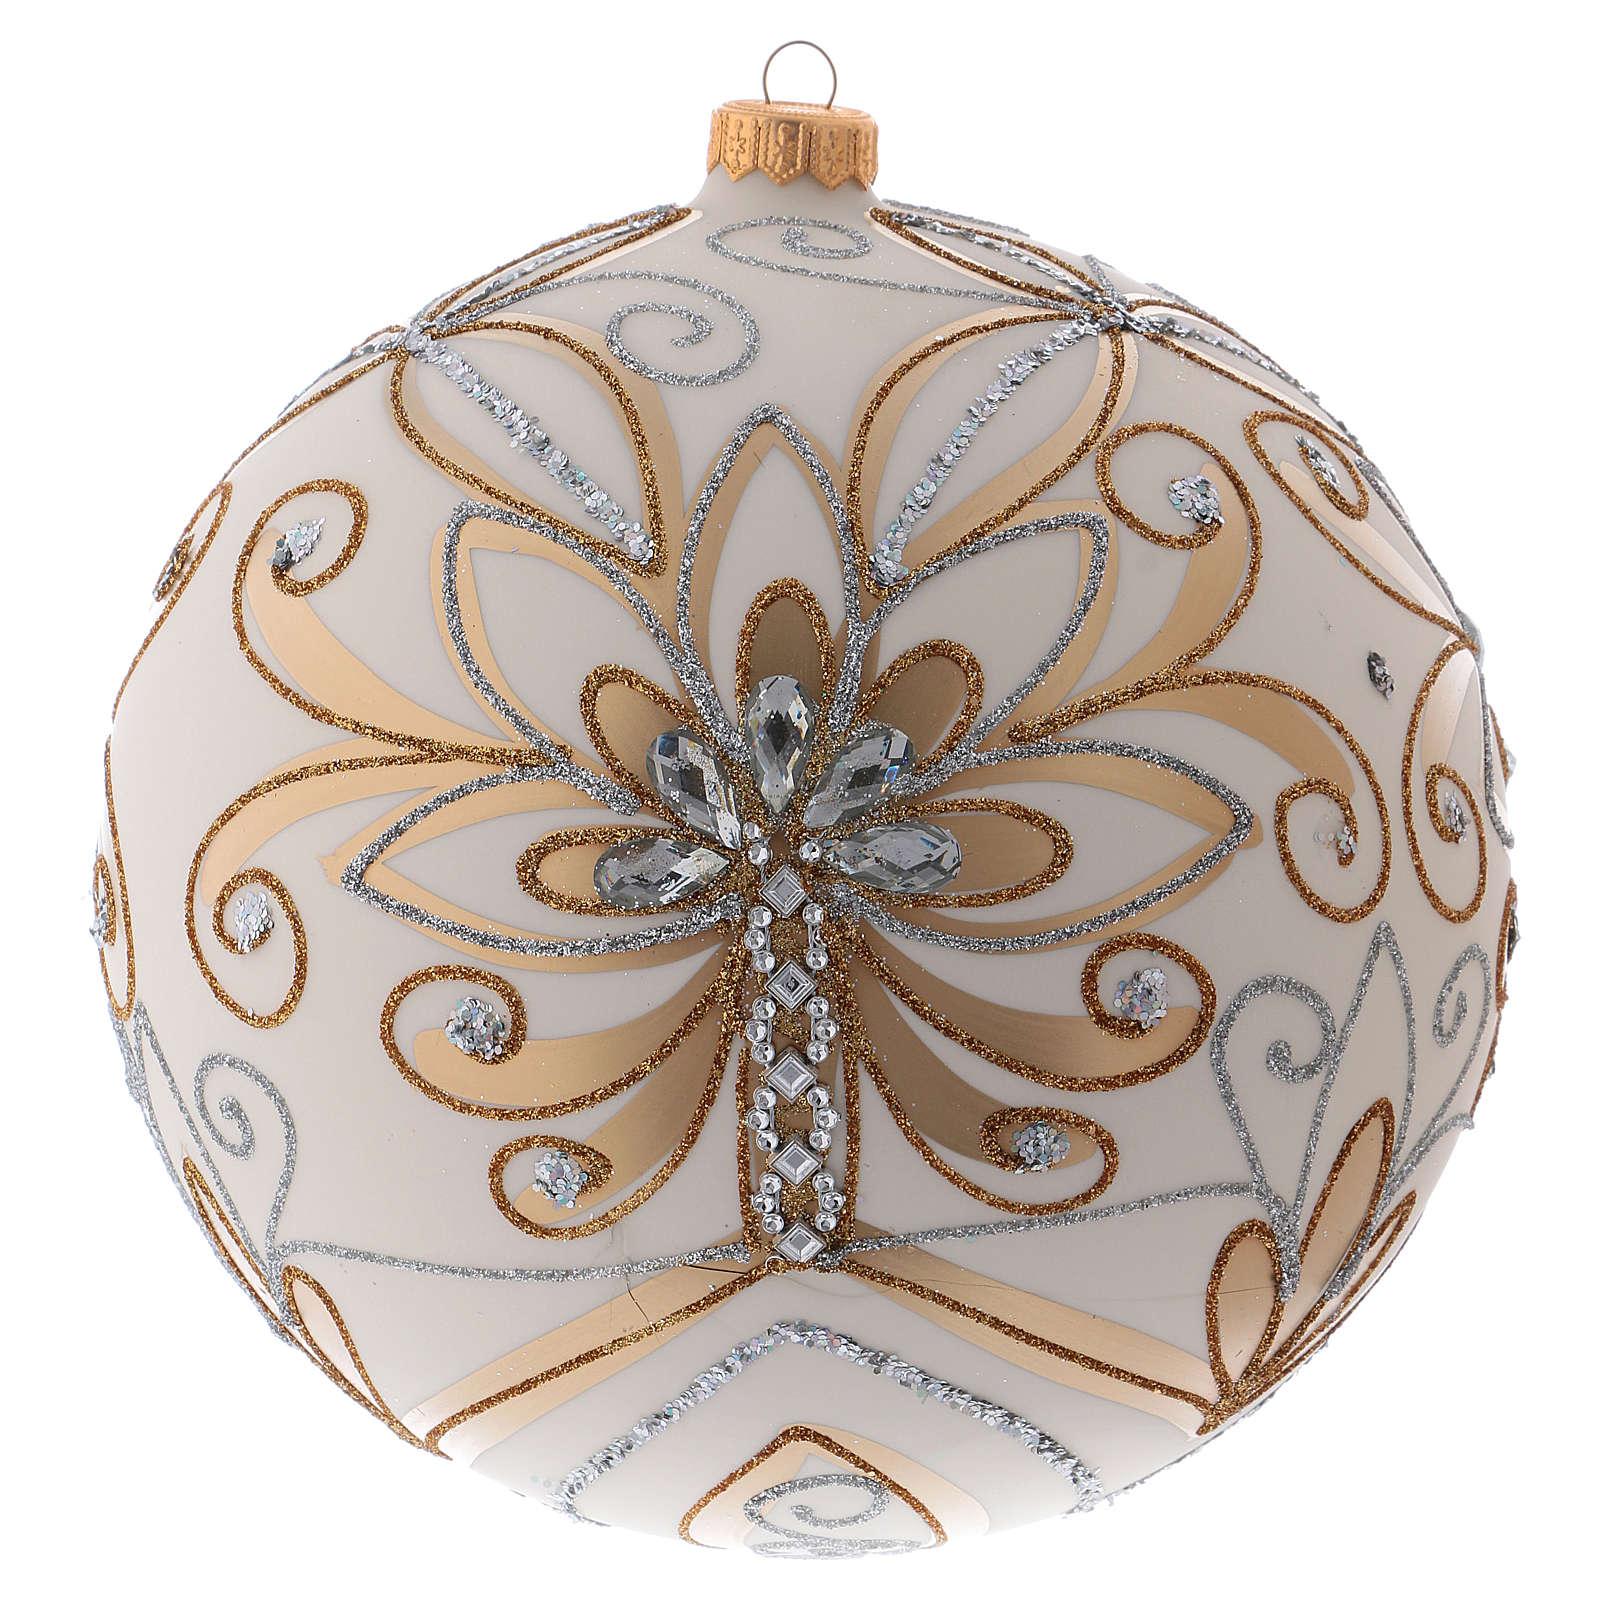 Bola árvore Natal 200 mm cor creme decorações ouro prata vidro soprado 4